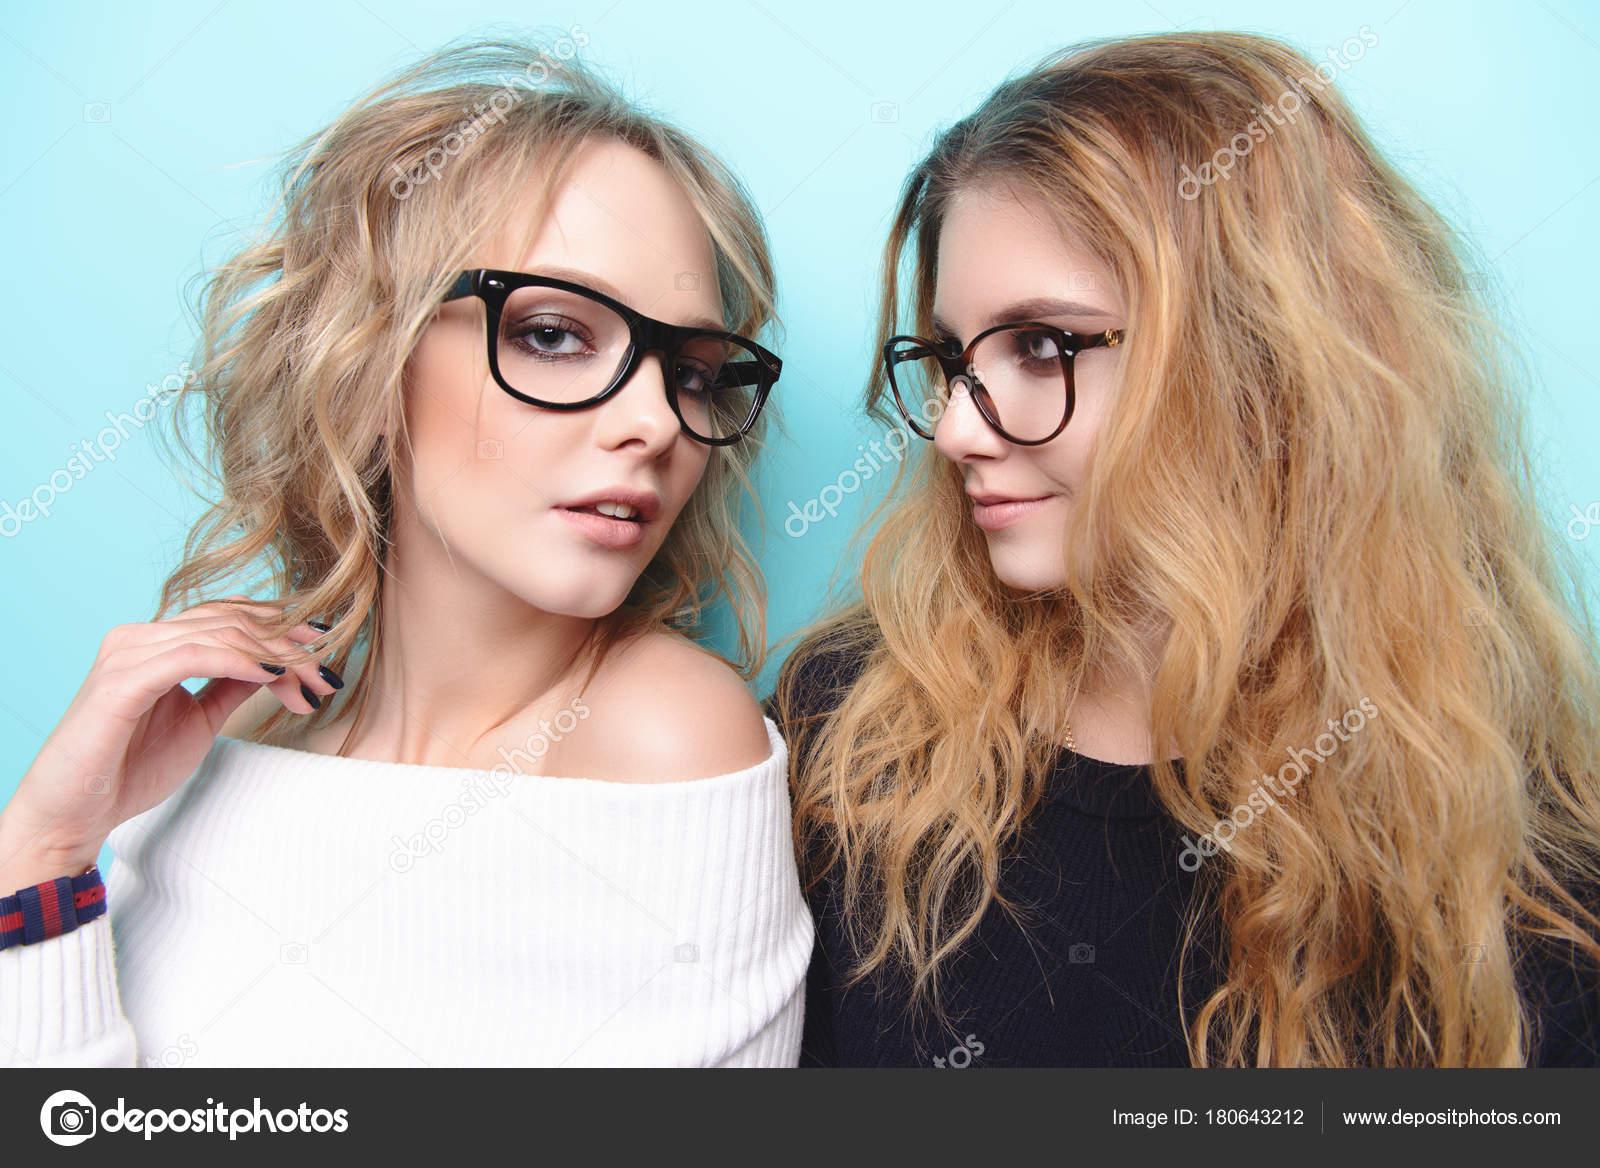 Imagenes Chicas Guapas Con Gafas Chicas Guapas En Gafas Foto De - Muchachas-guapas